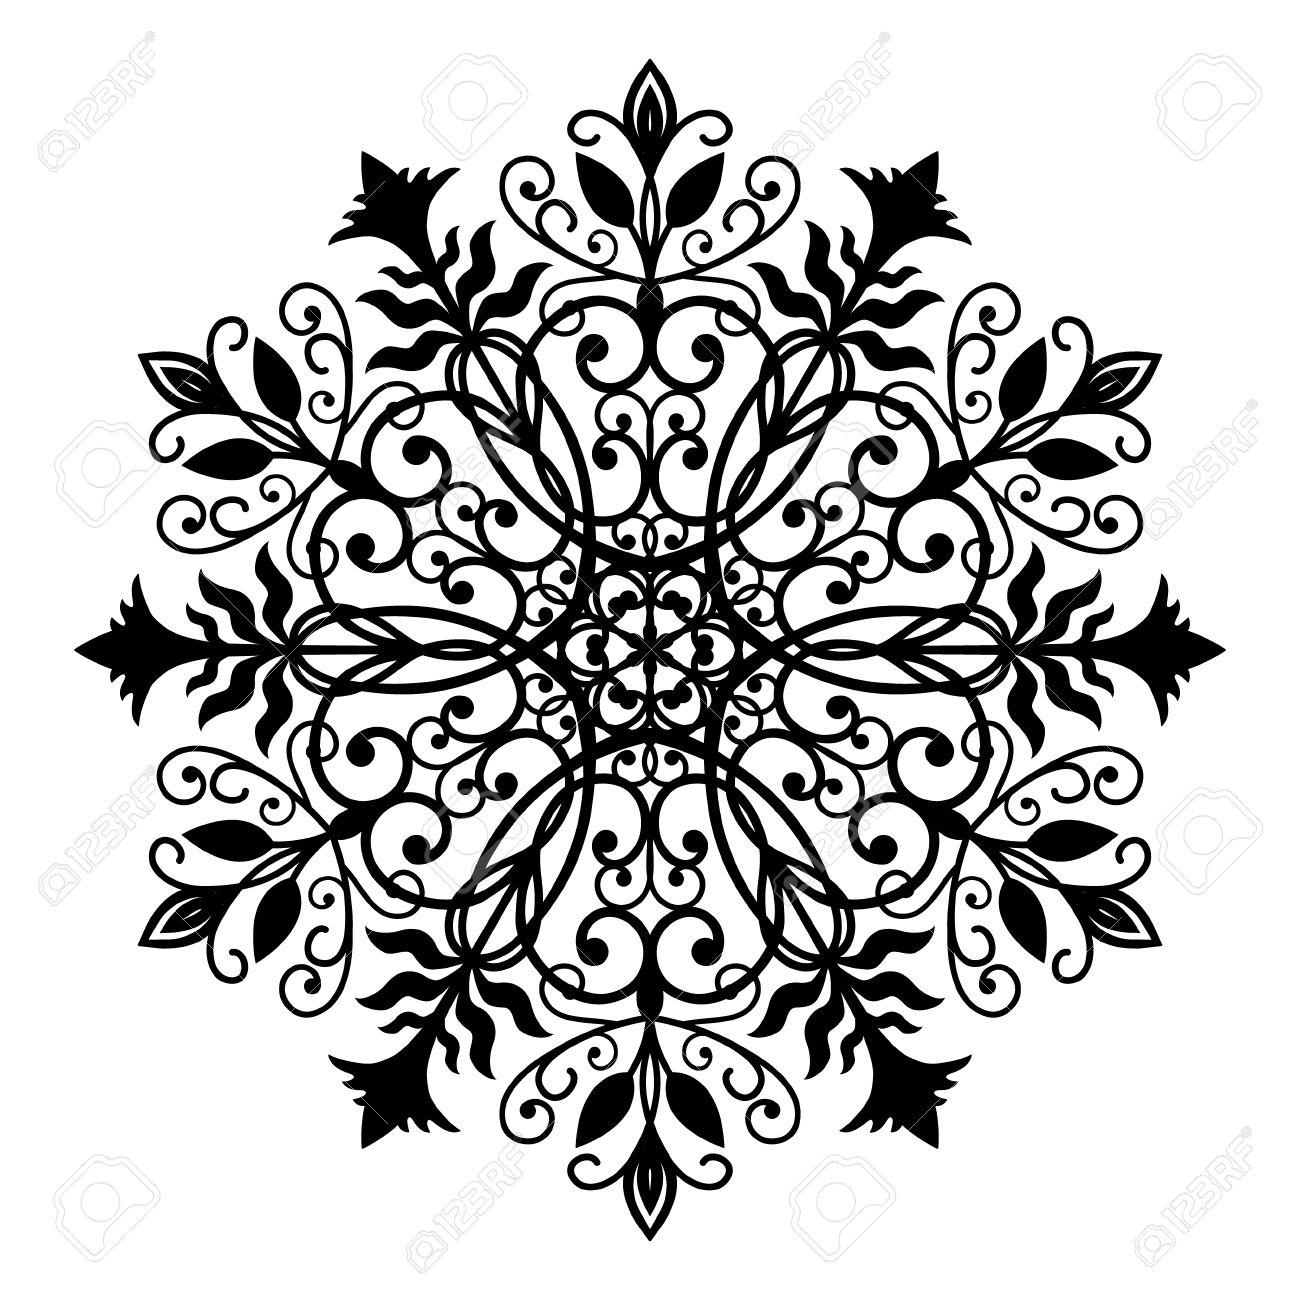 Forjado Negro Ornamento Oval. Modelo De Flor Del Vector Intrincado ...